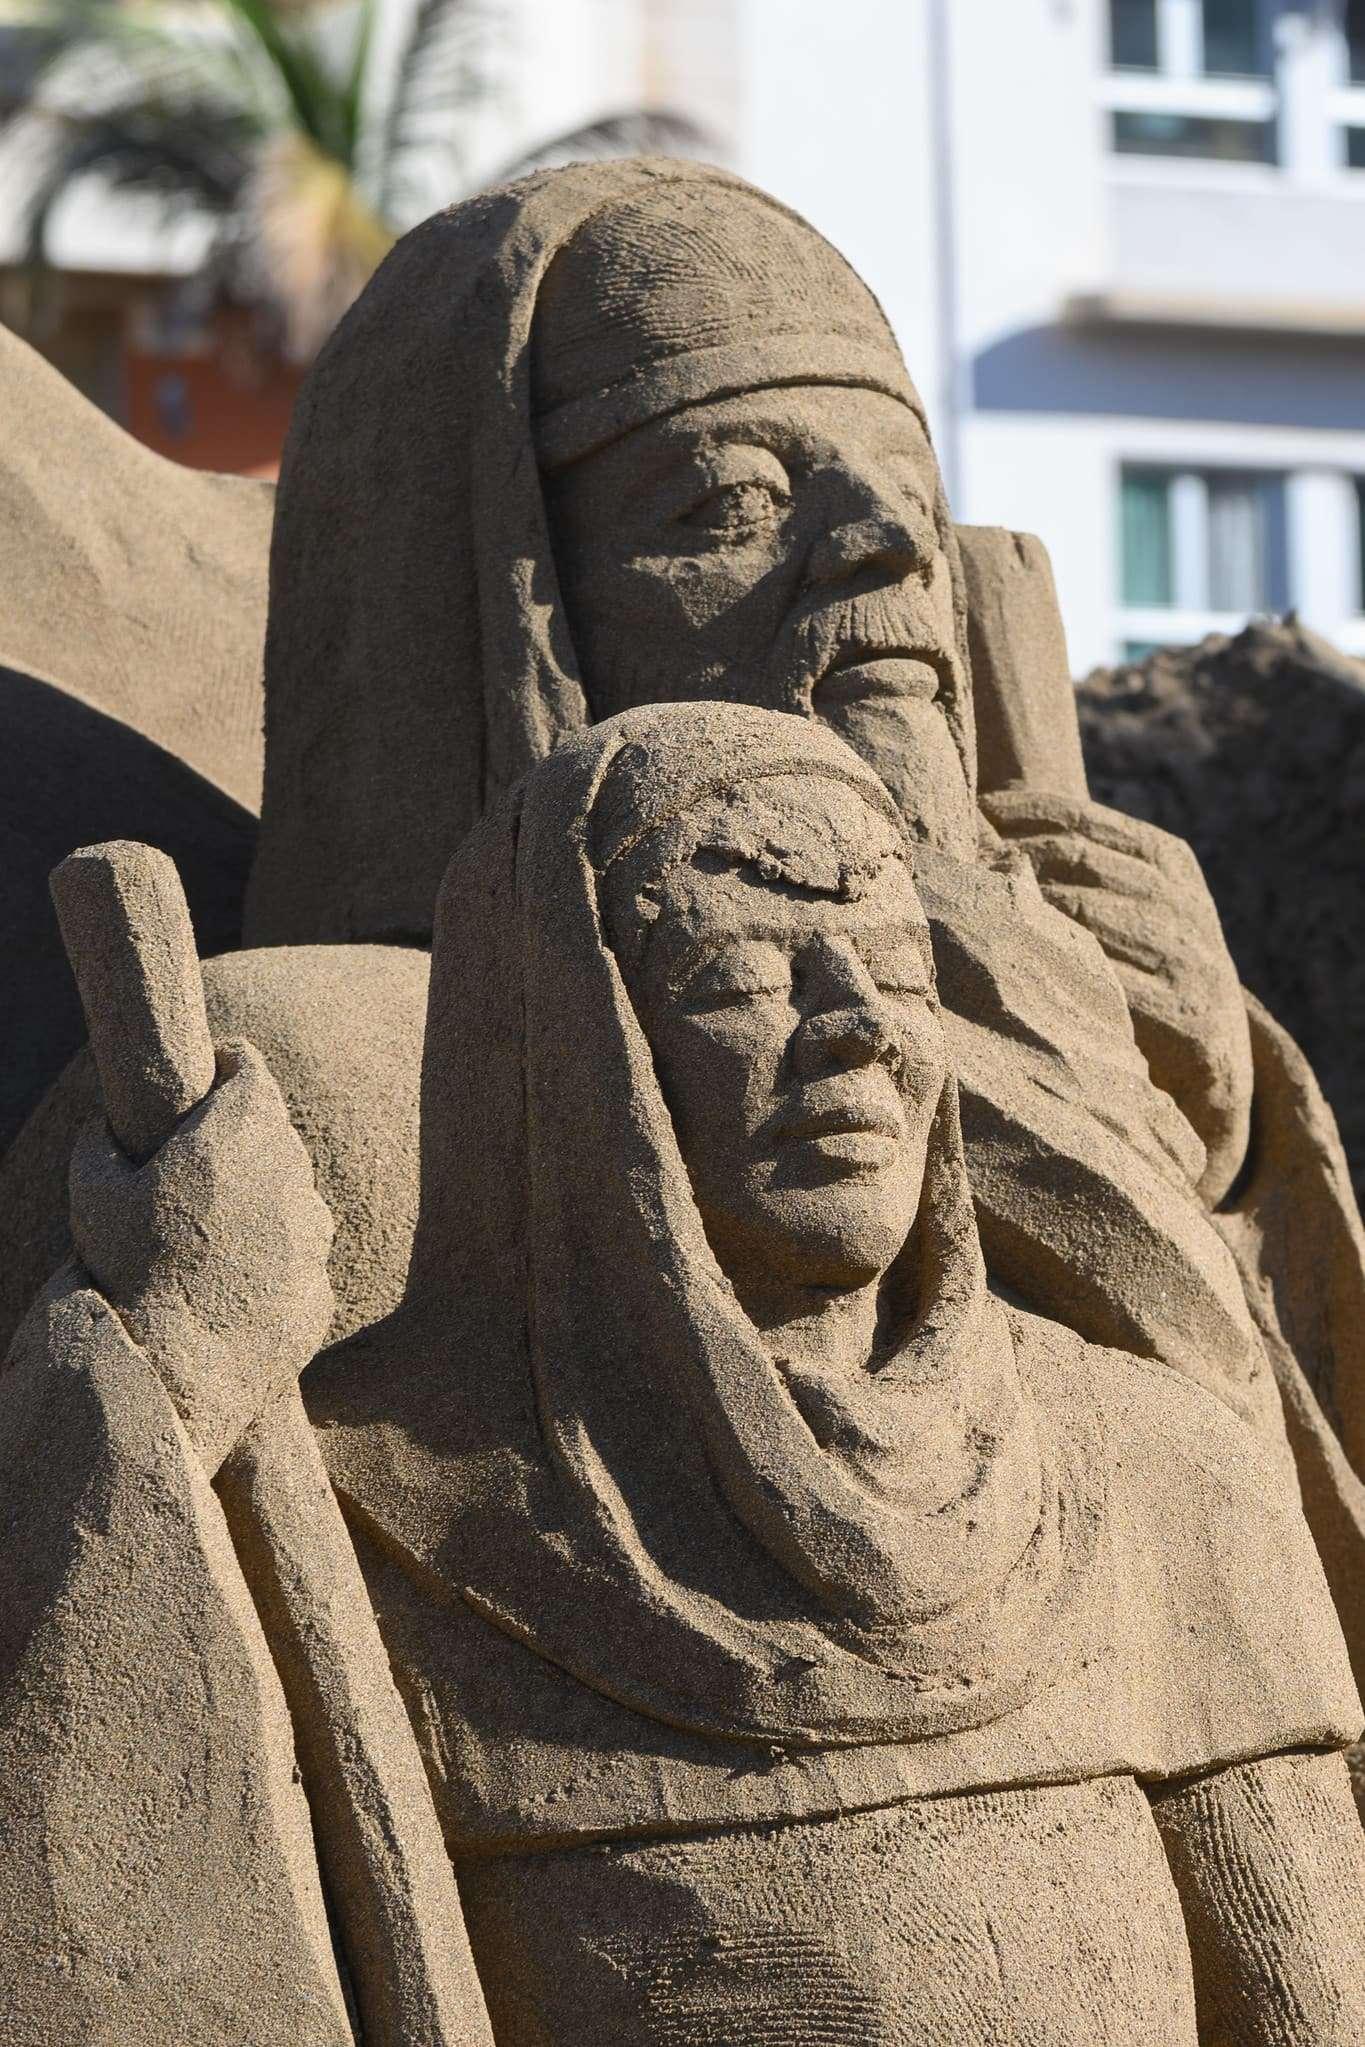 Un original Belén de arena para la navidad en Gran Canaria 84